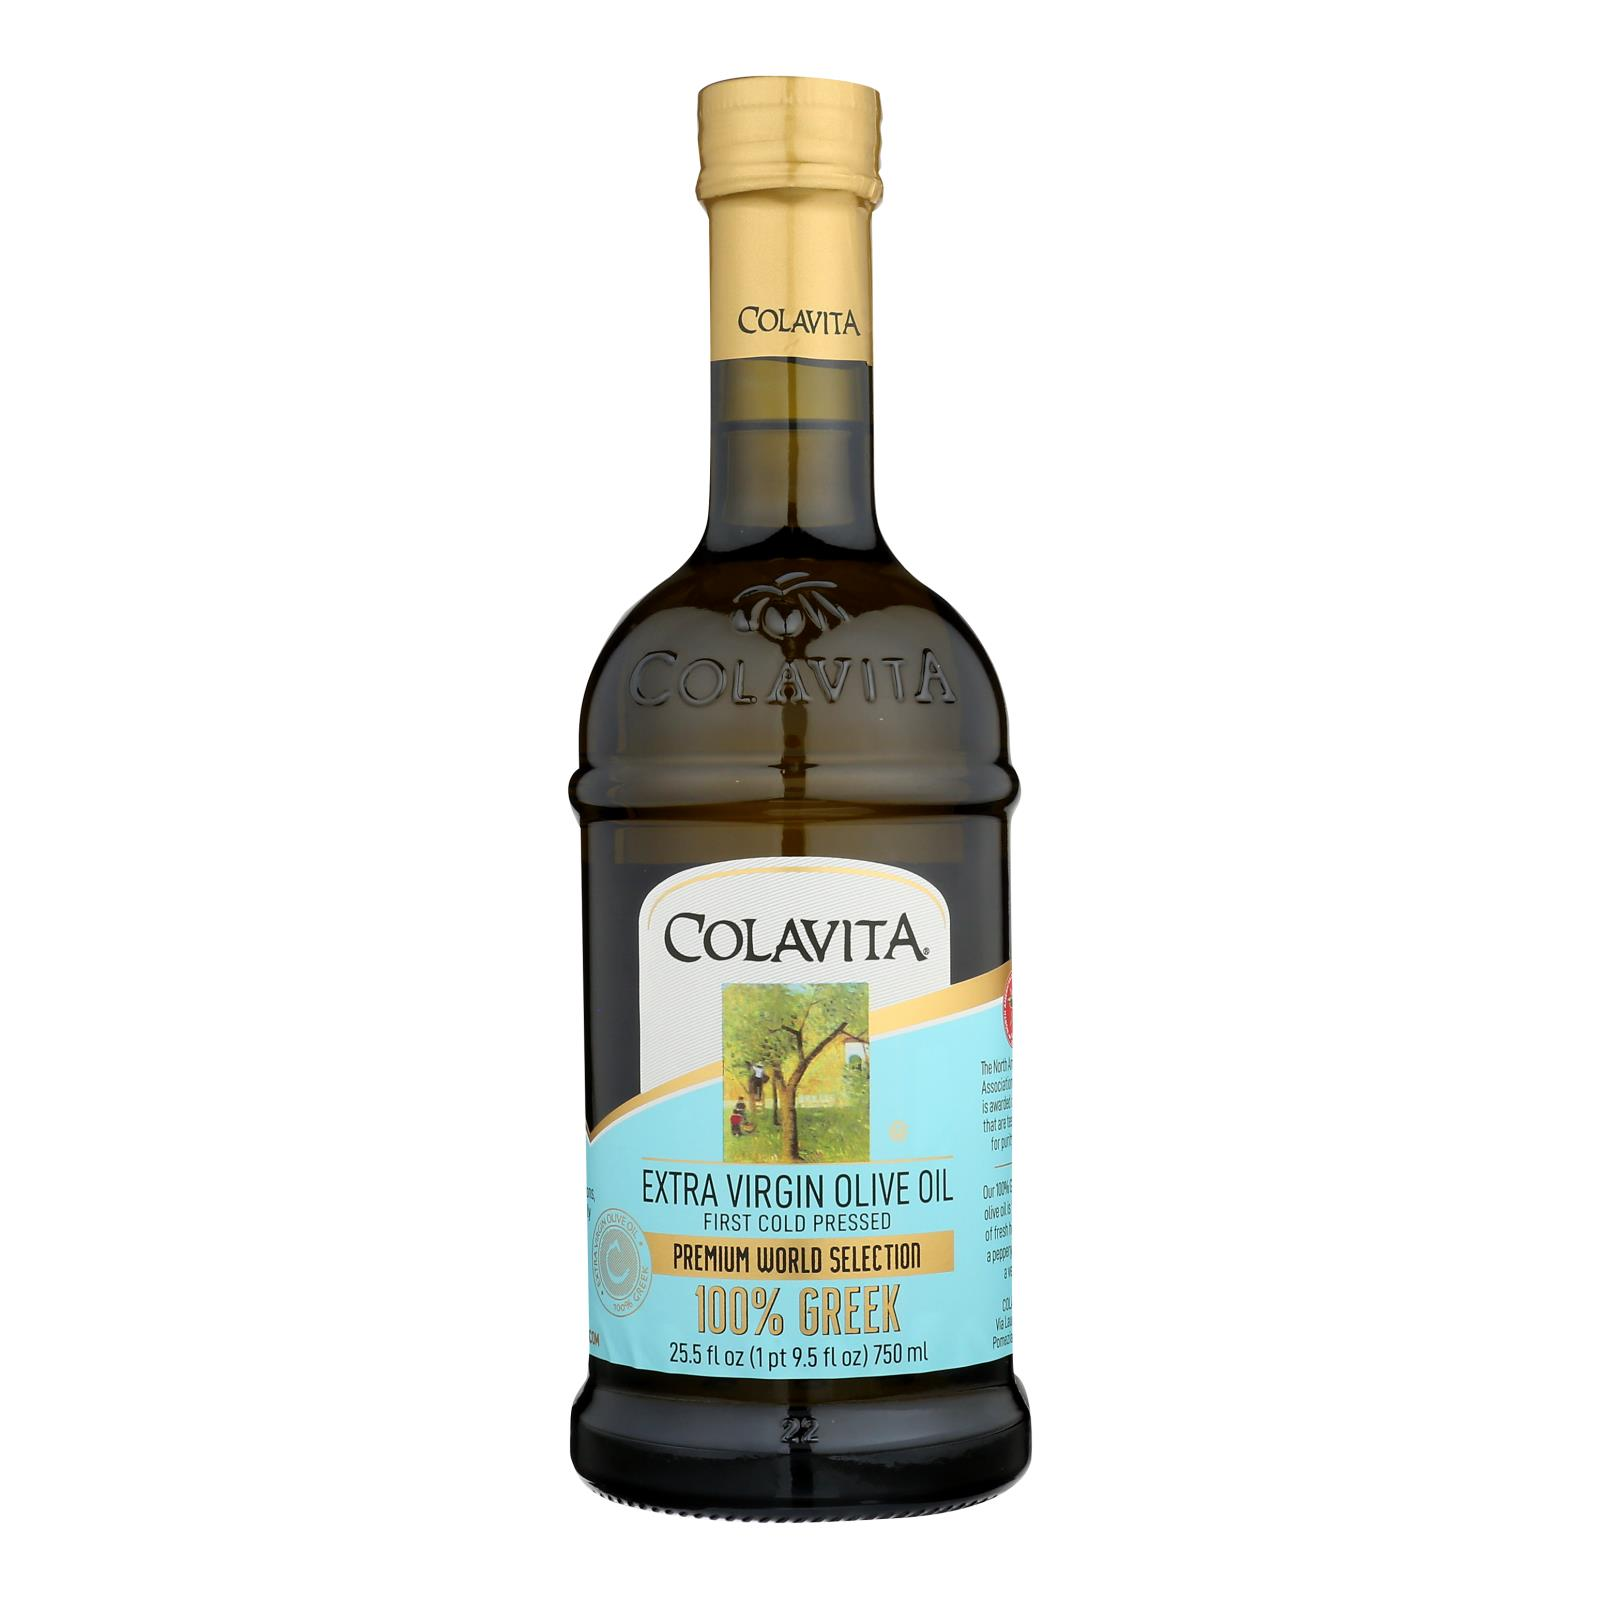 Colavita - Olive Oil - Greek - Case of 6 - 25.5 fl oz